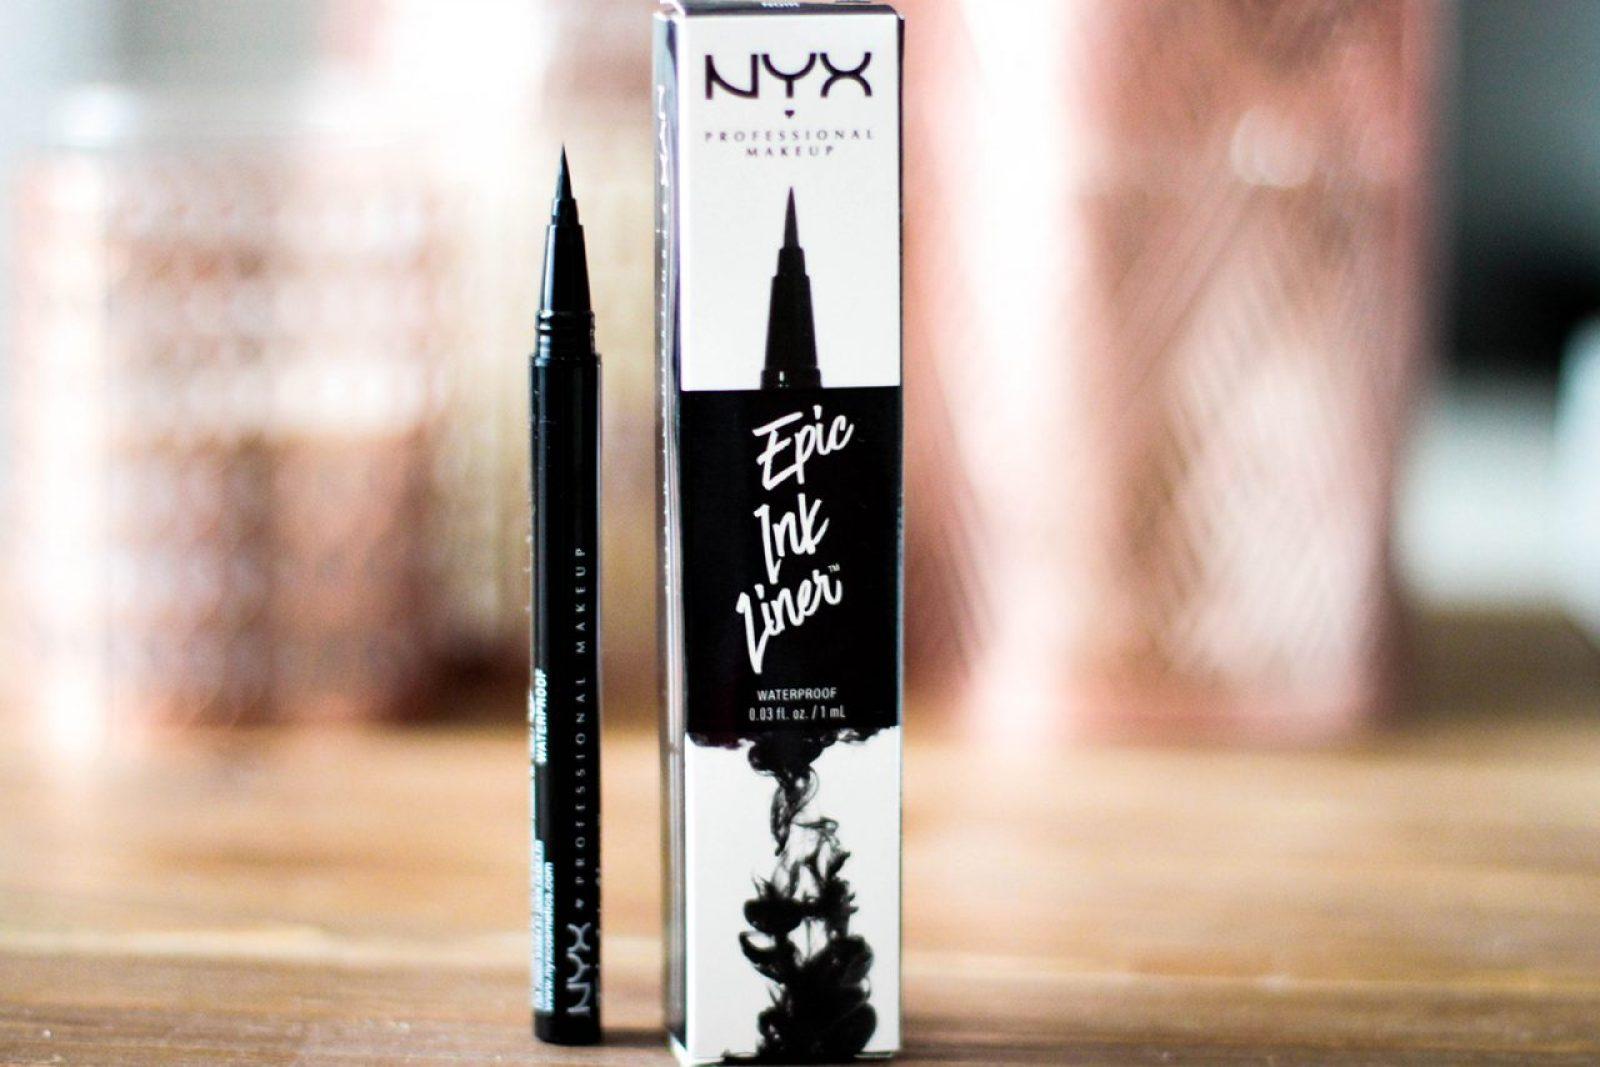 epic-link-liner-nyx-3